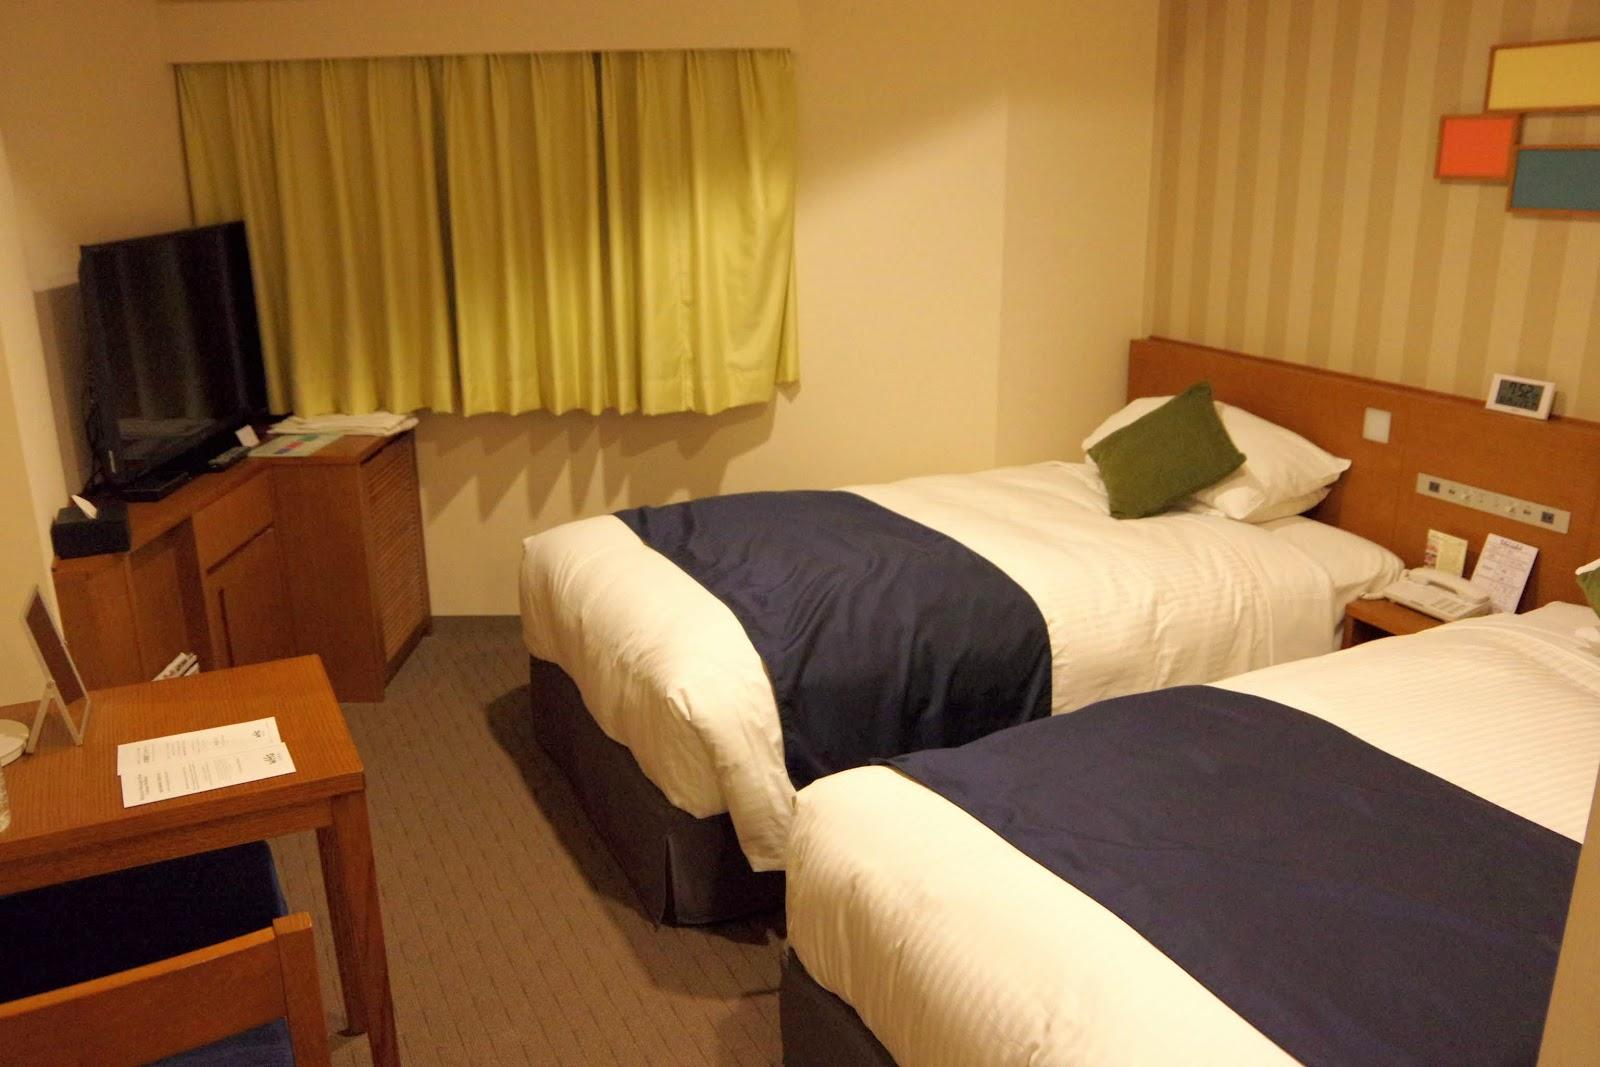 新宿華盛頓酒店本館 Shinjuku Washington Hotel   Main Building